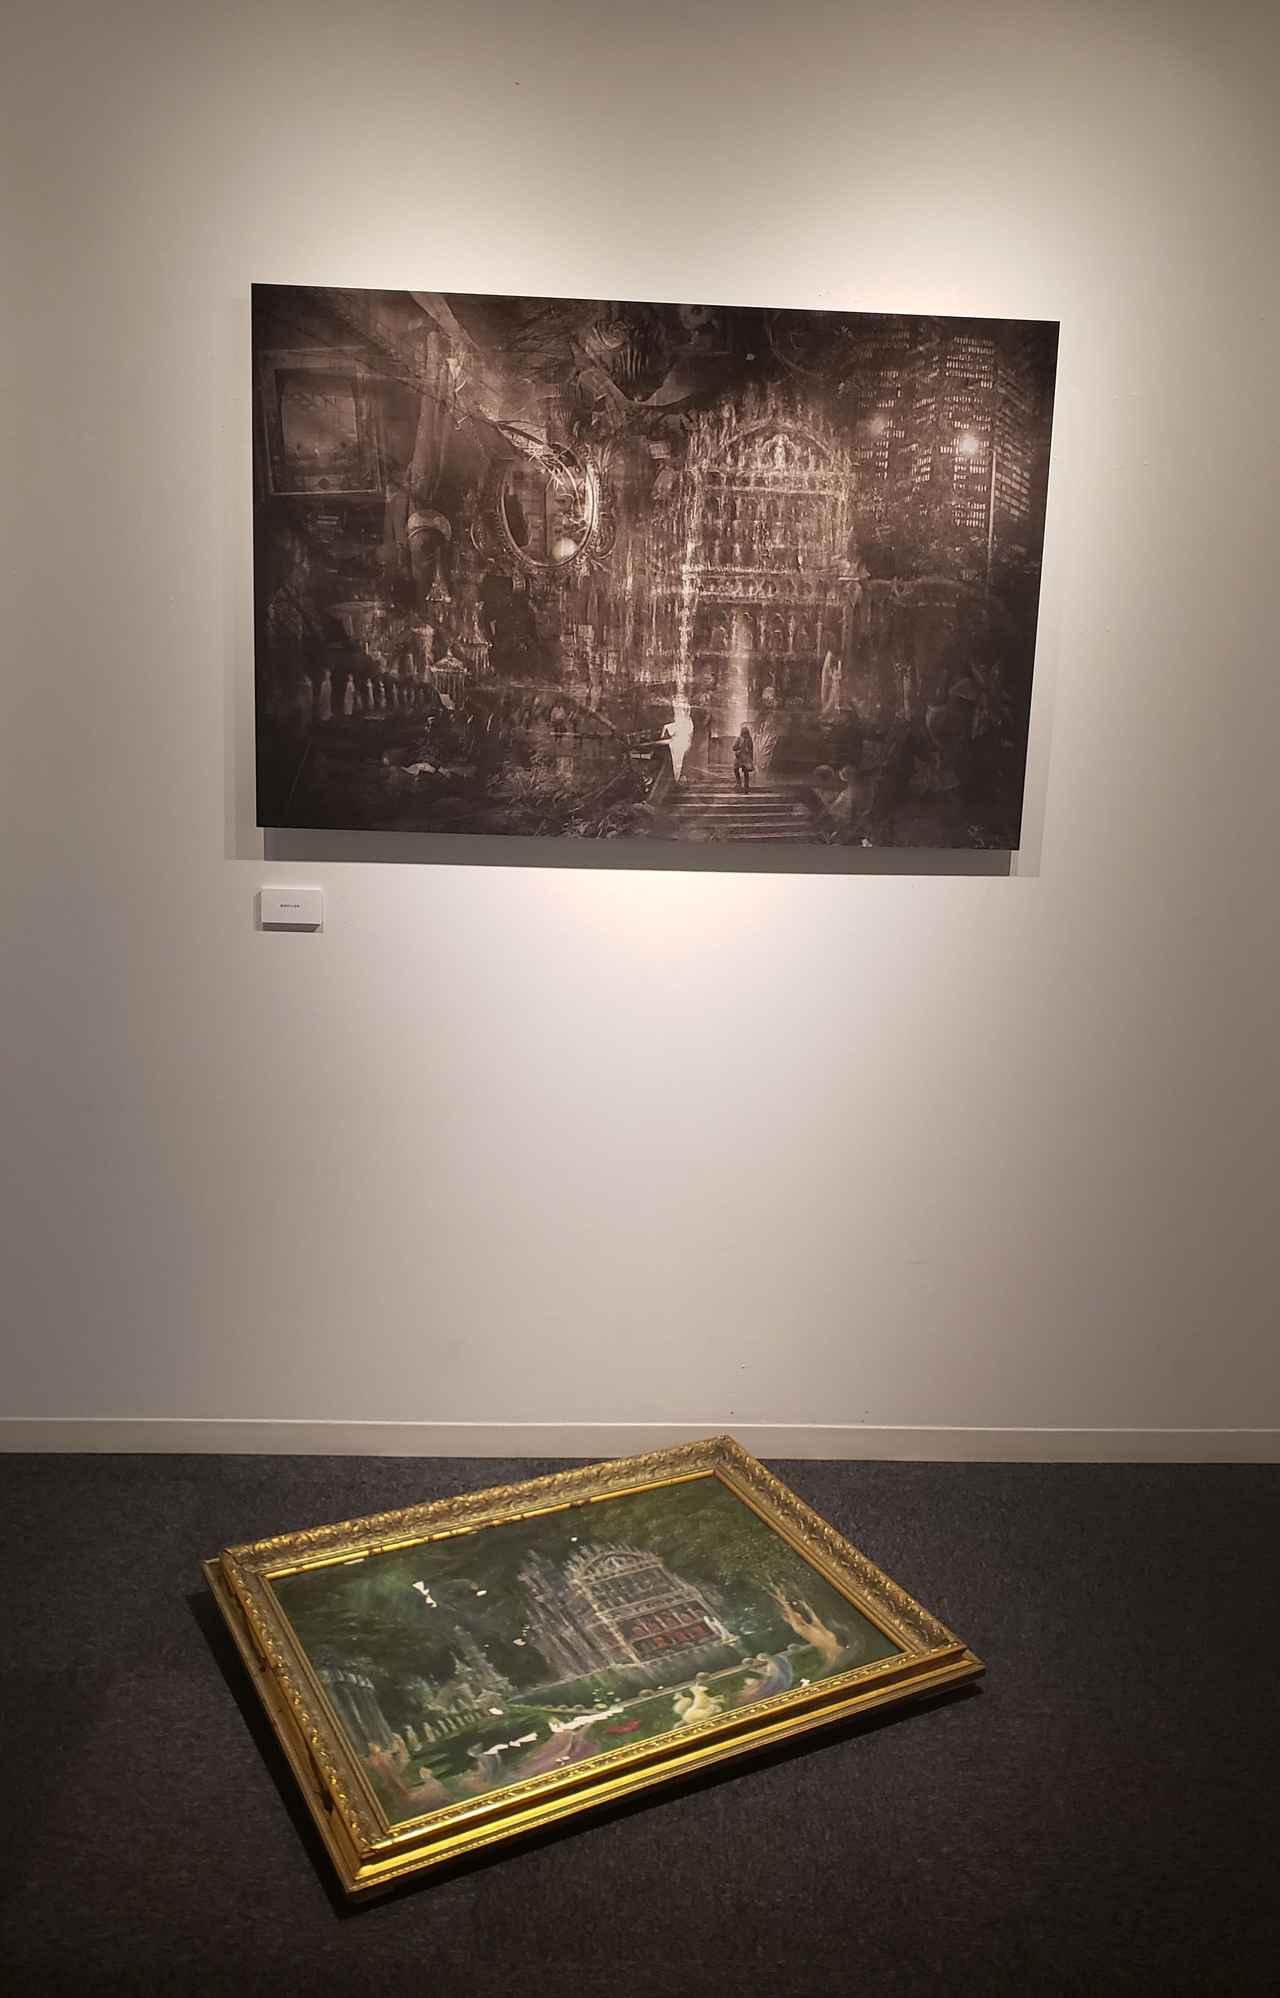 画像: 展示作品より。ご両親も叔父さんもアーティストという高島さん。床に直置きされた絵画は実家から借りてきたもの。壁に展示されている作品には、この絵画を複写した写真が。